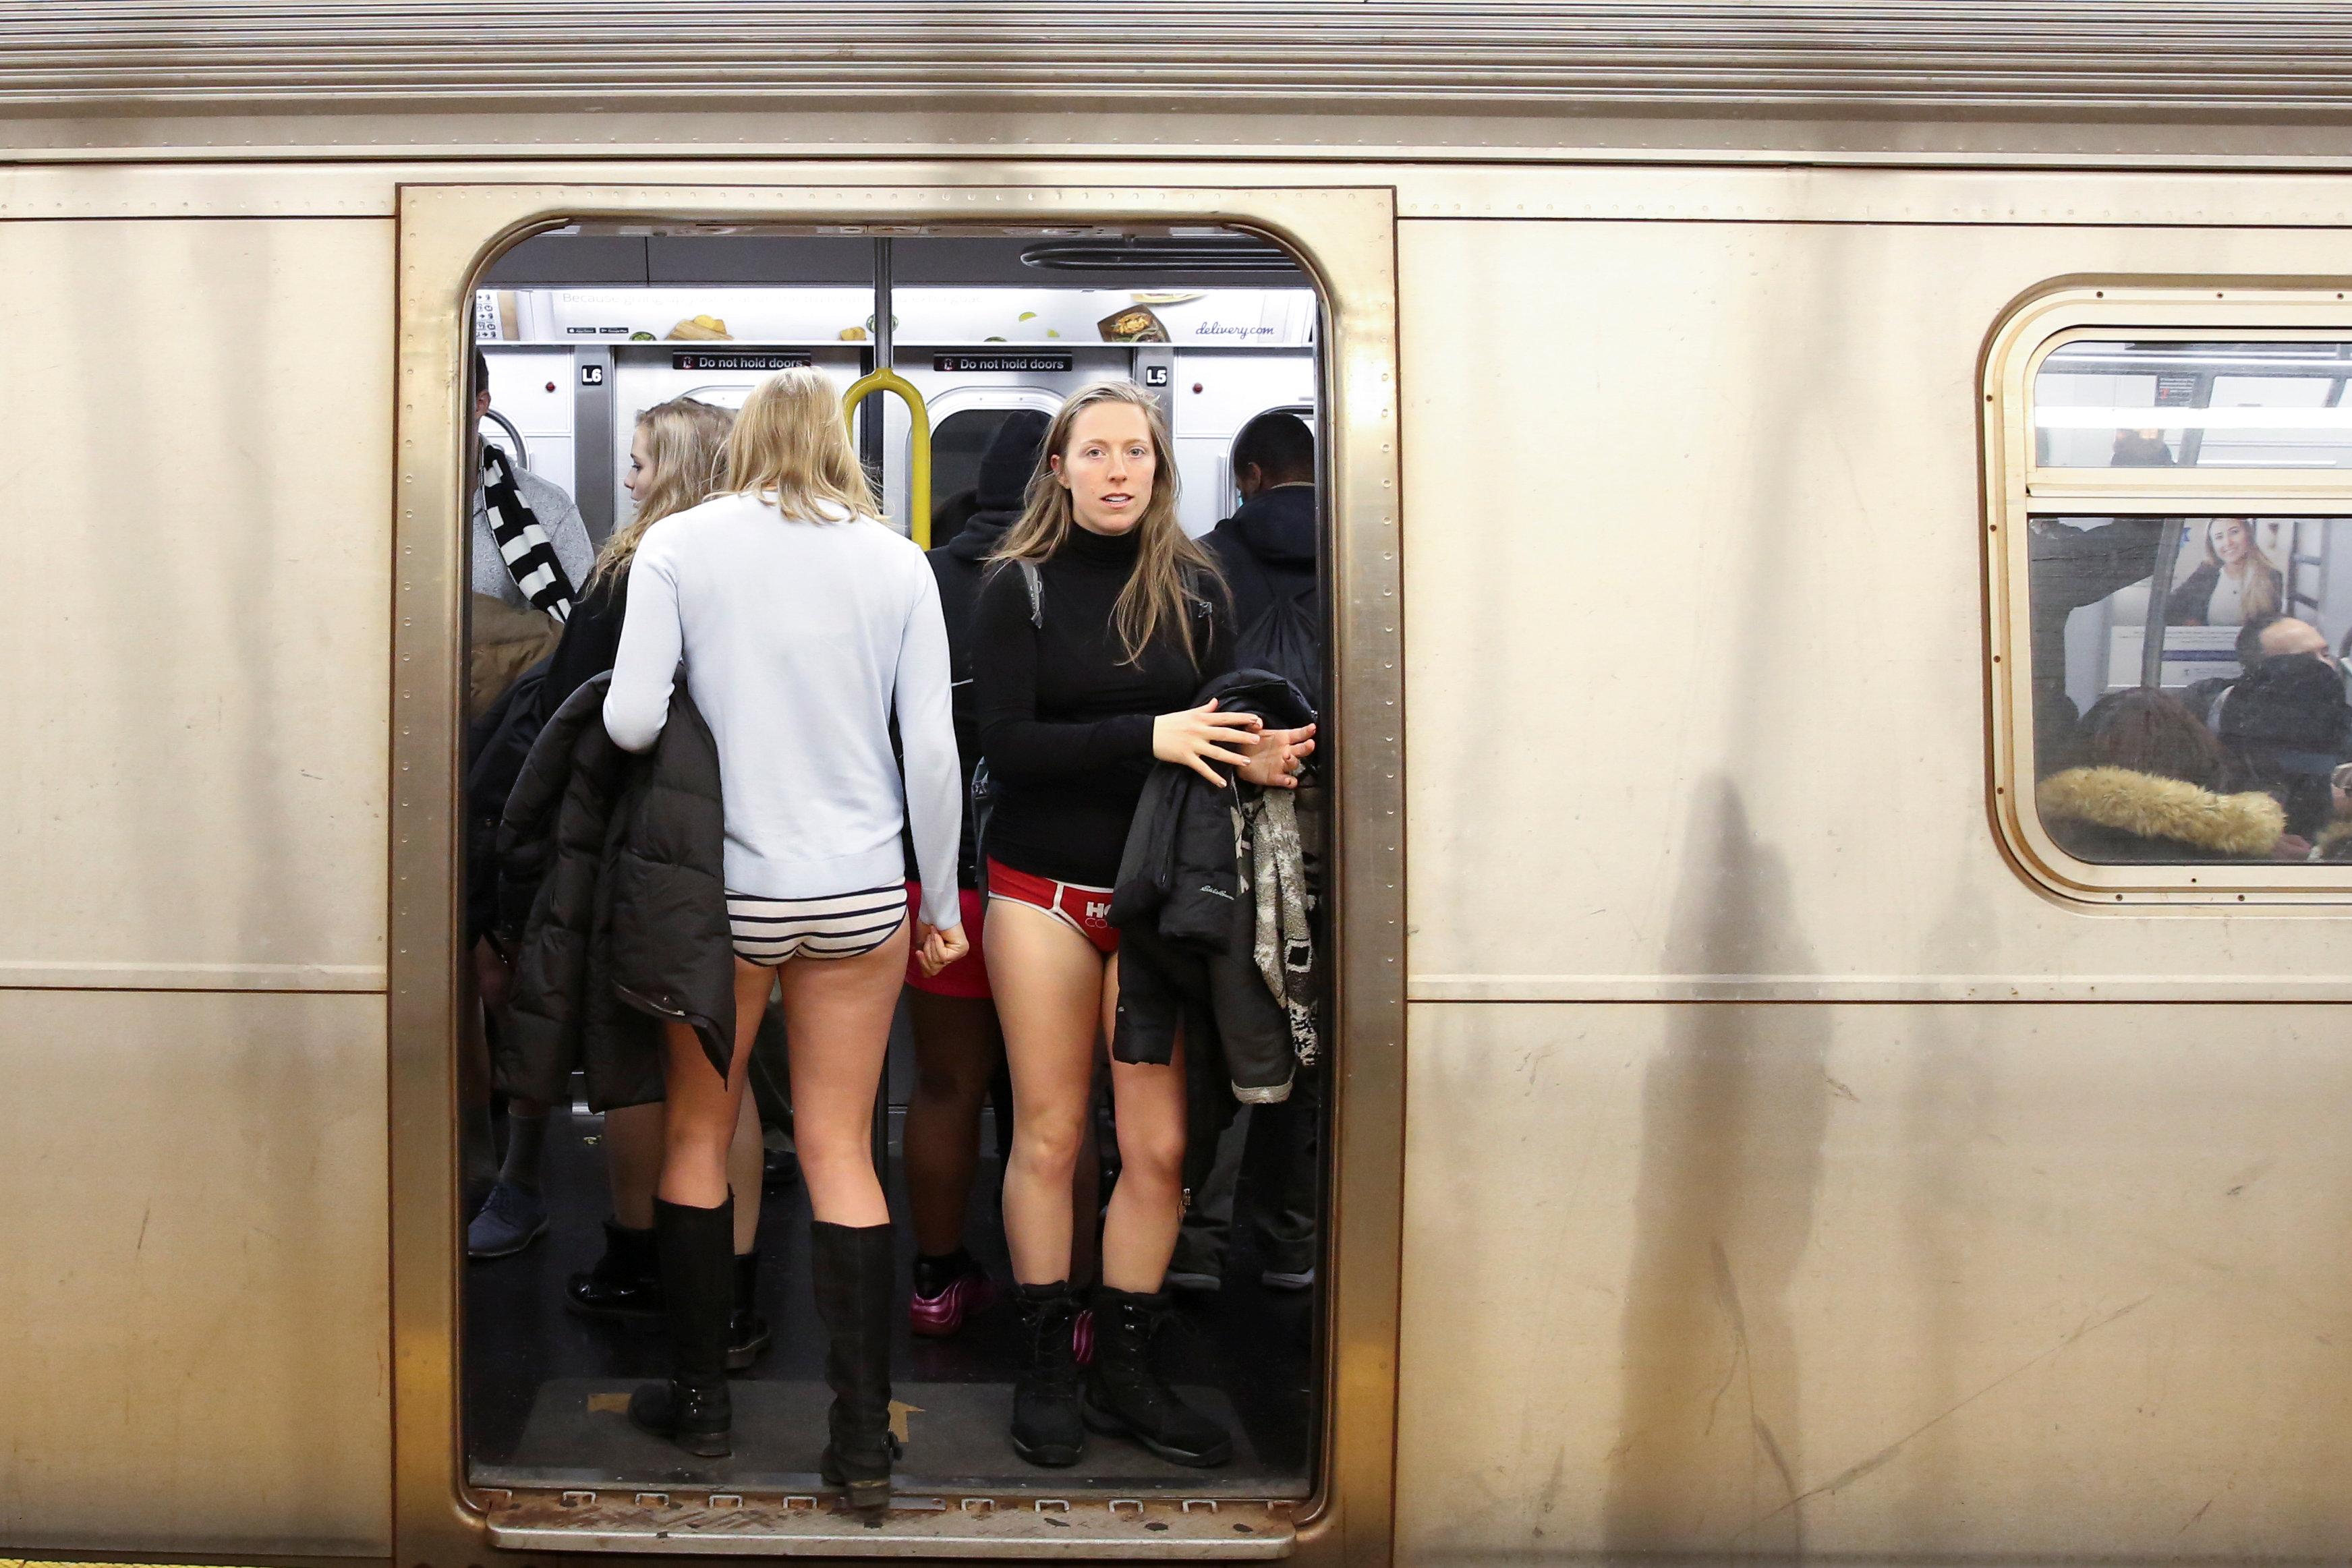 ركاب مترو نيويورك يحتفلون باليوم العالمى لخلع السروال رغم البرد (1)